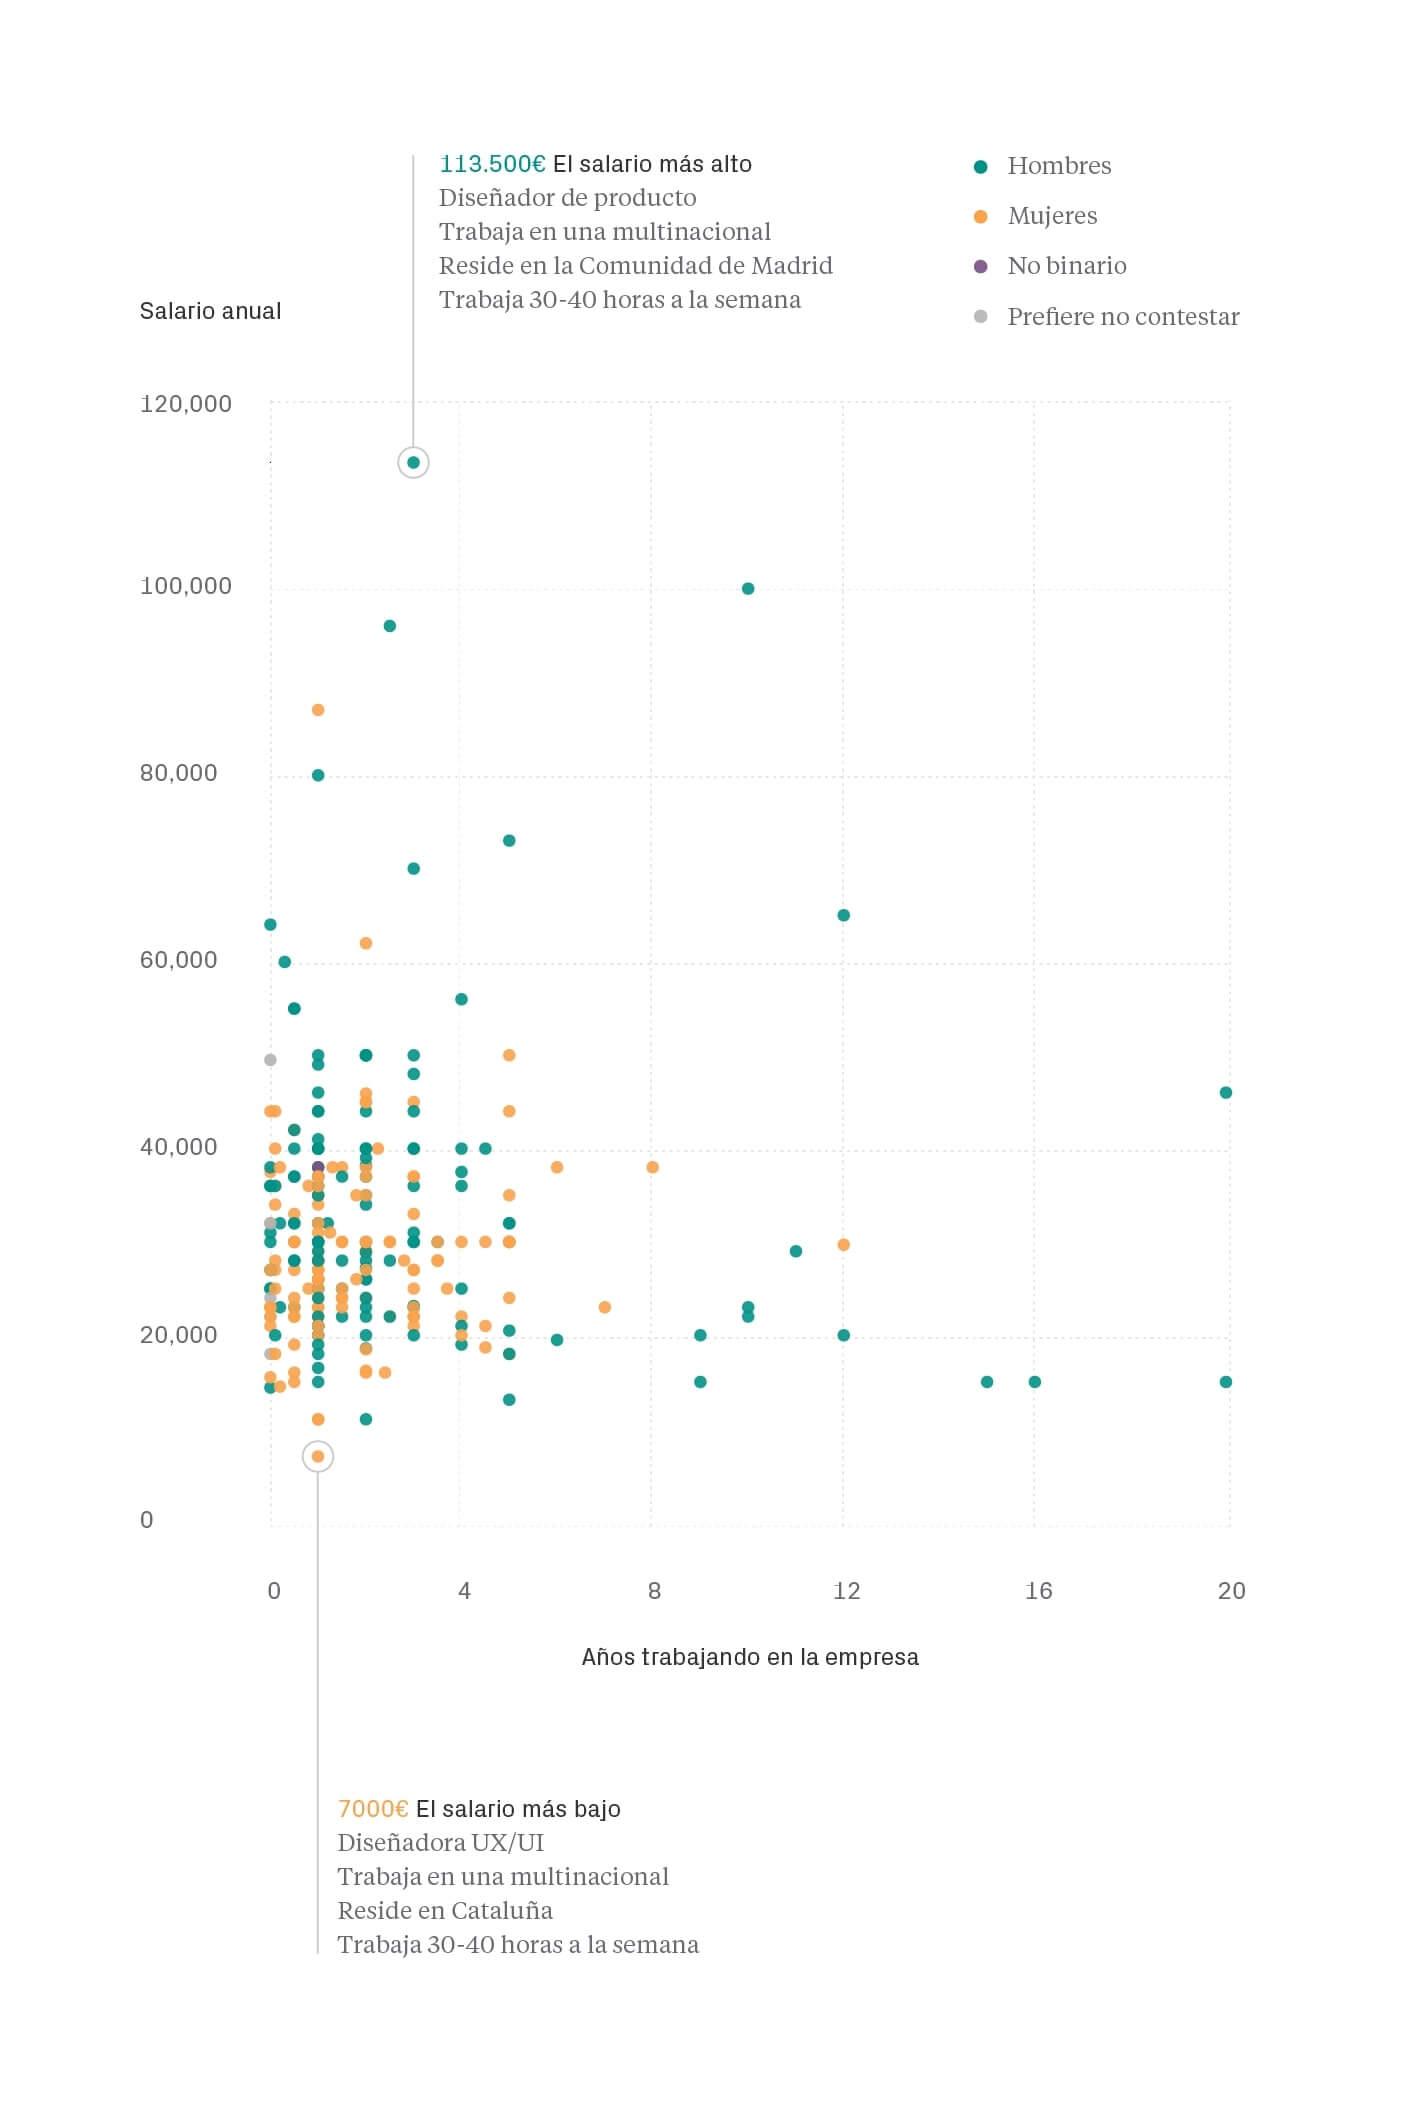 Comparativa años, género y experiencia - Salarios diseño UI/UX España 2019